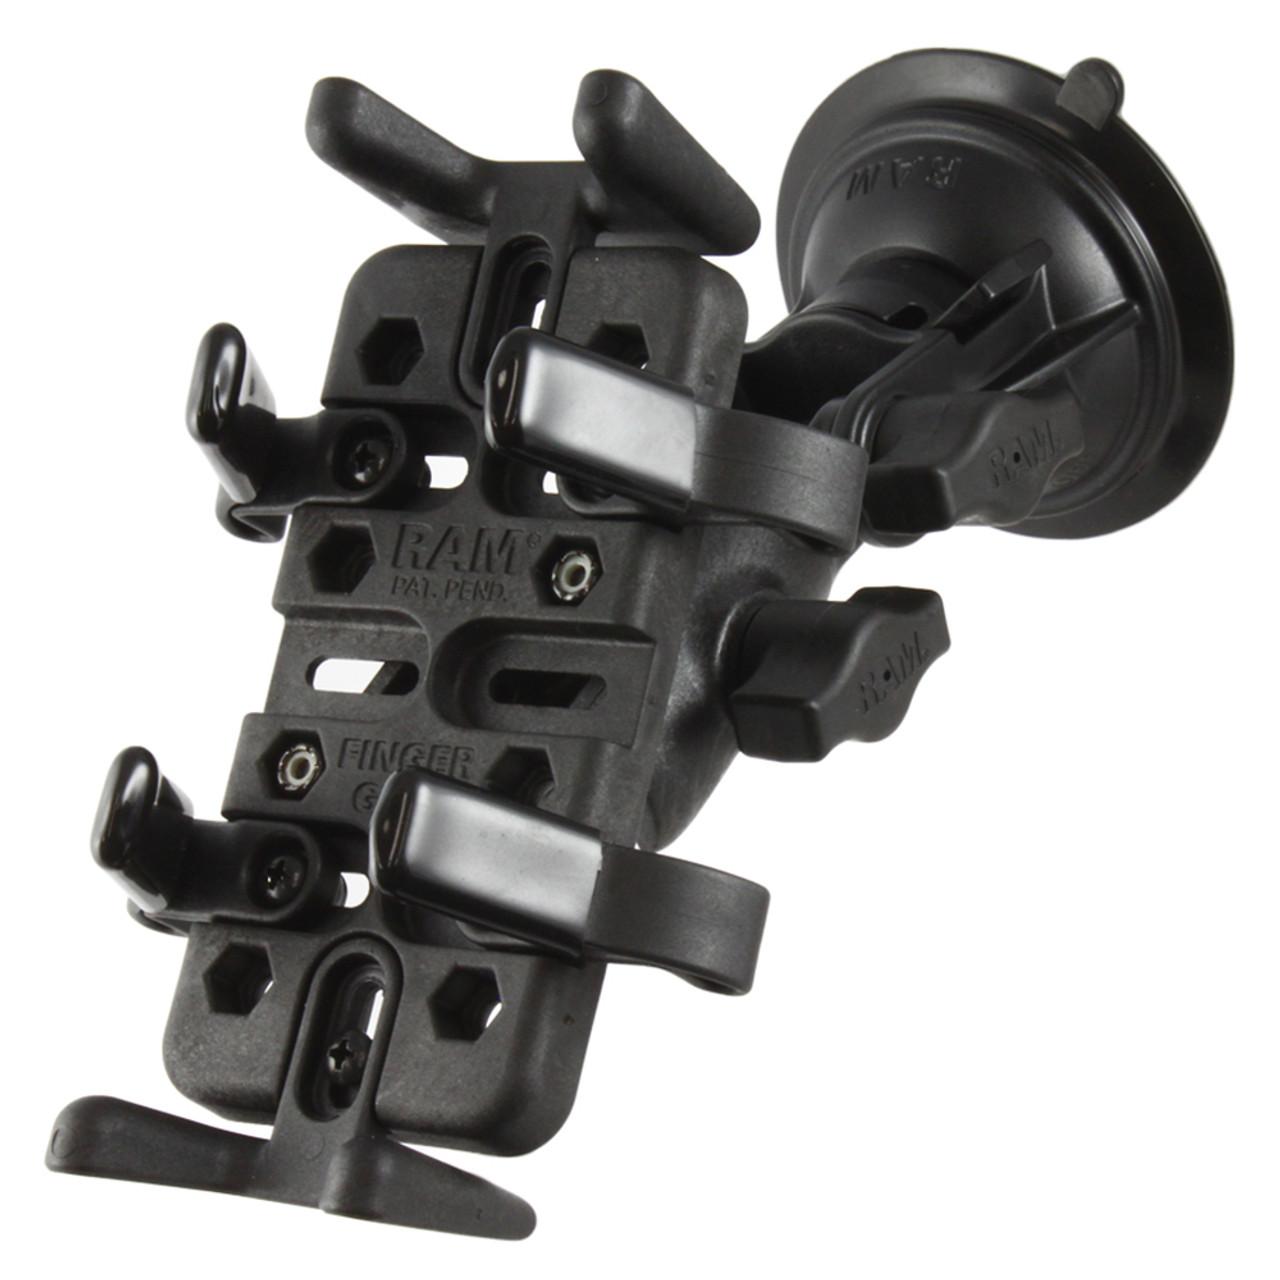 RAM Mount RAM Finger-Grip Universal Mount w\/RAM Twist-Lock Suction Cup [RAP-B-104-224-UN4U]